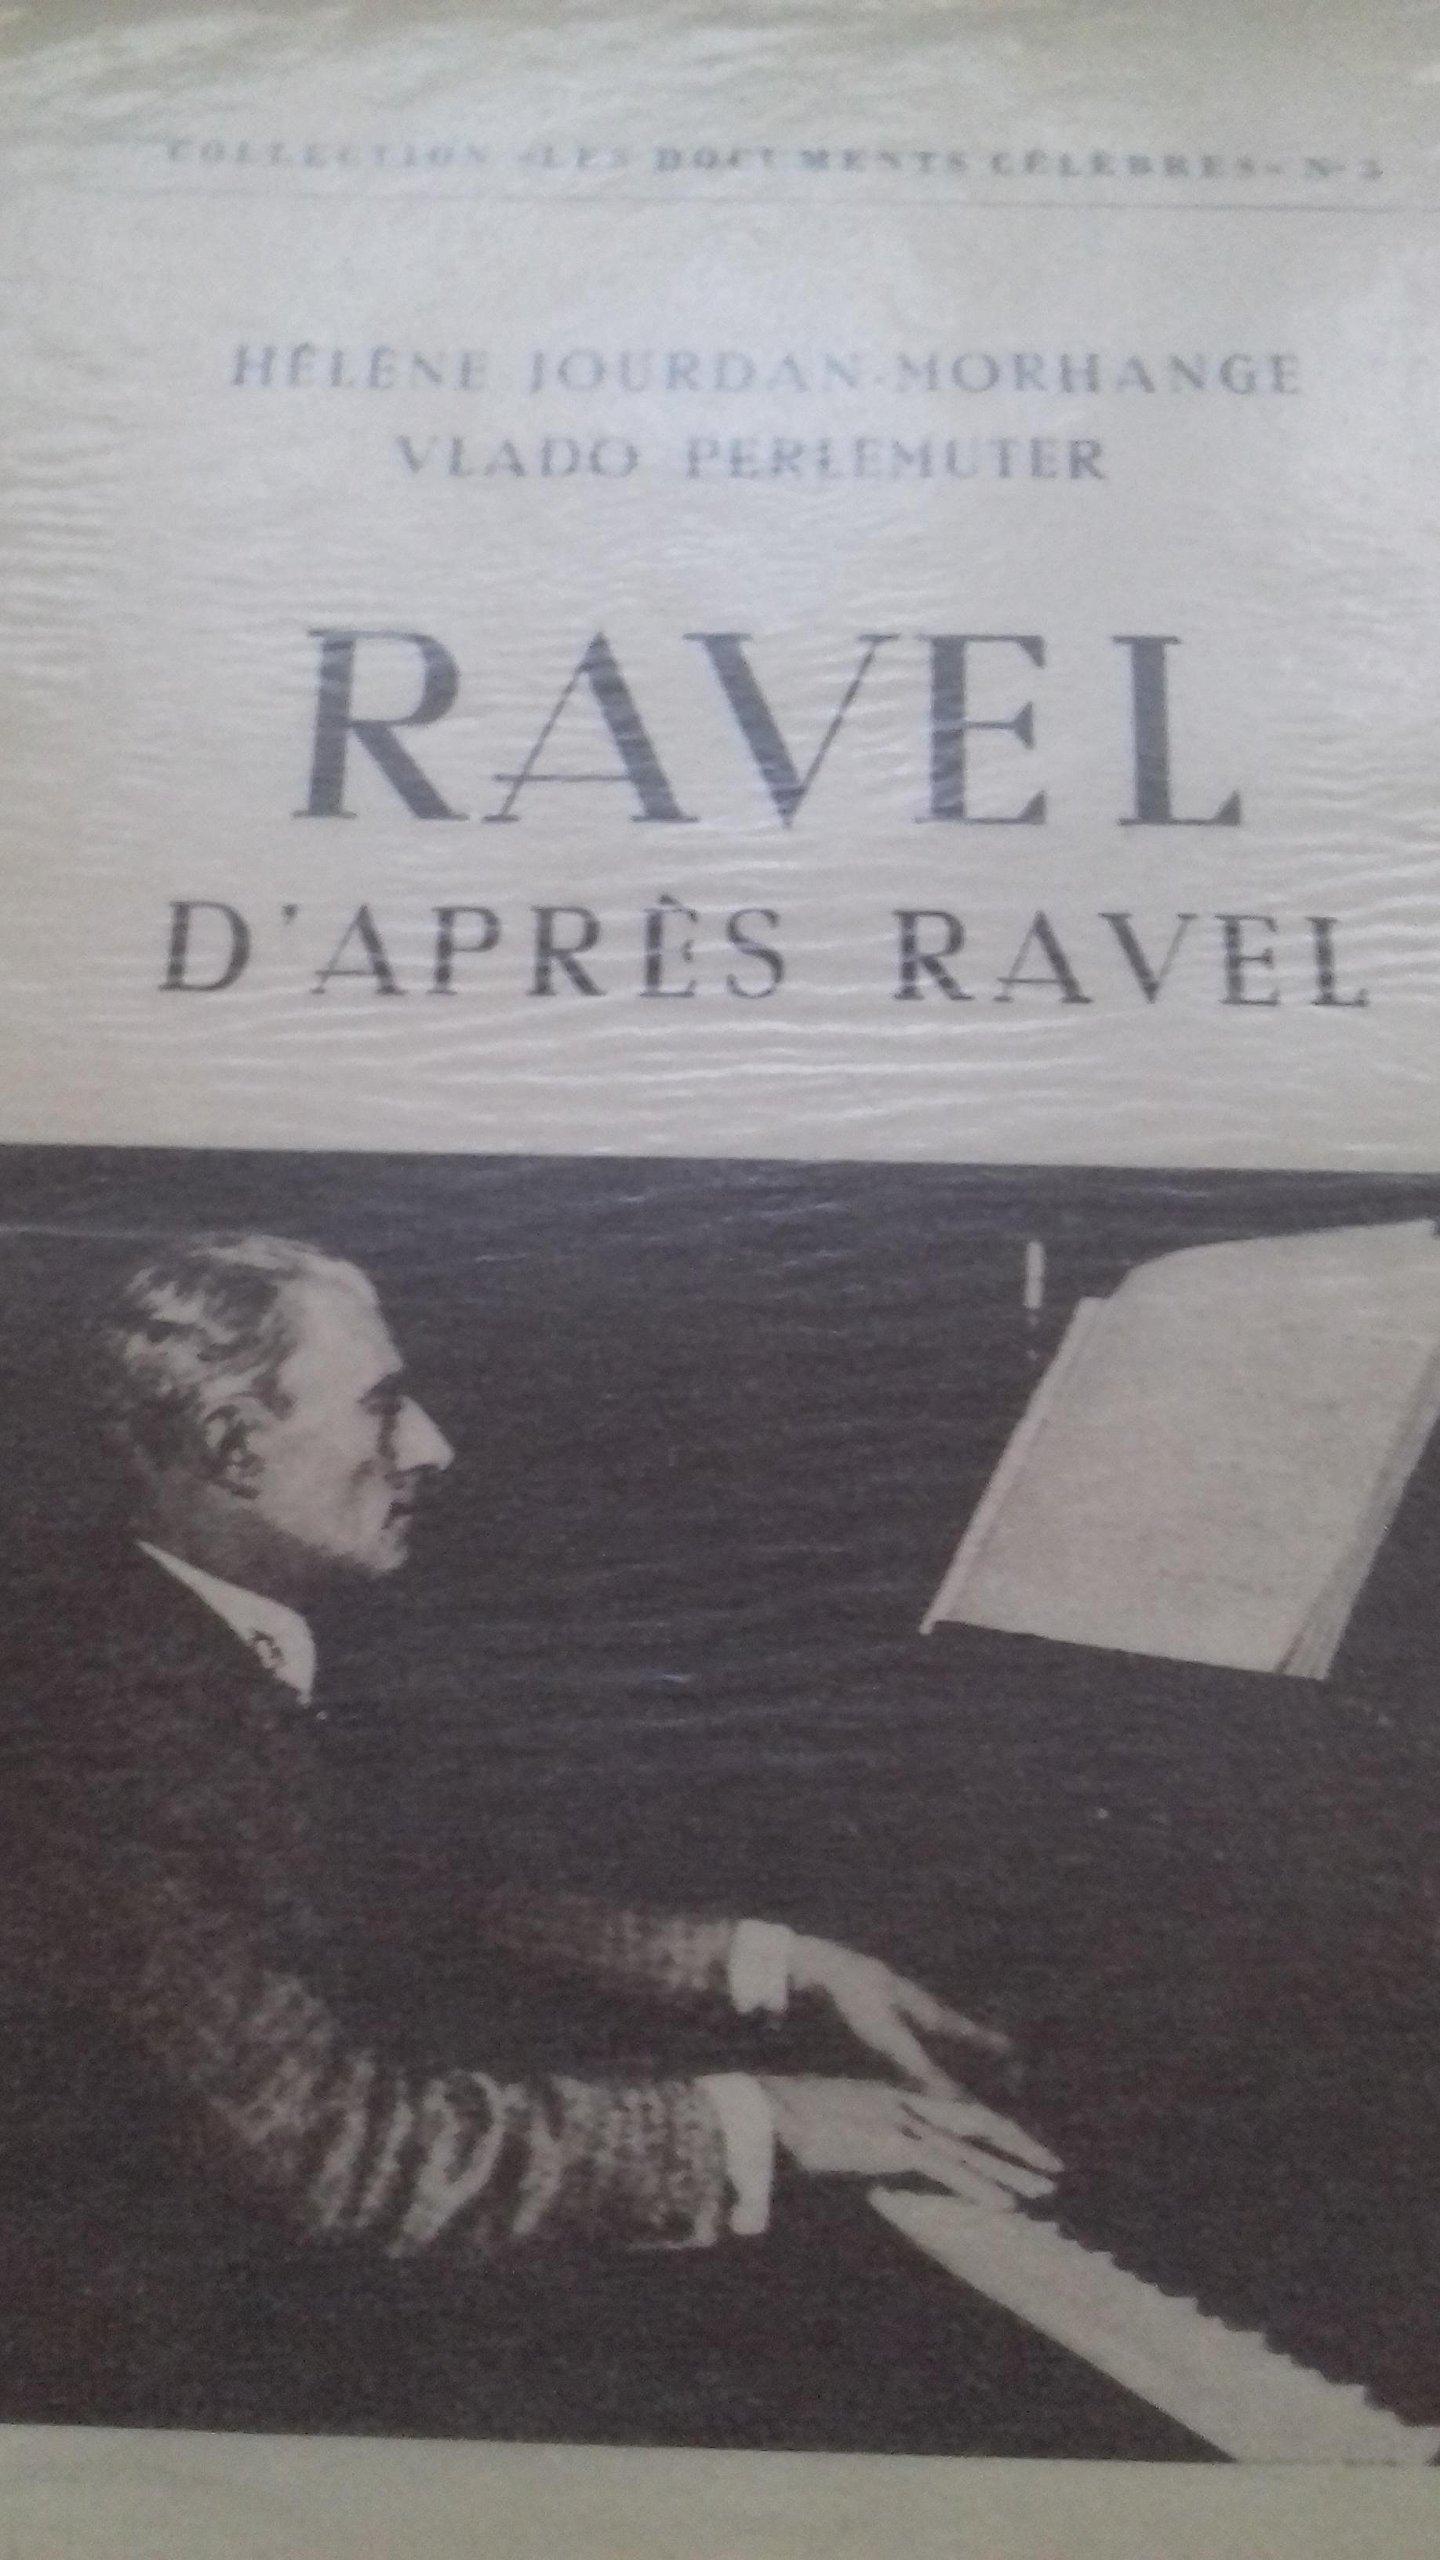 Amazon Fr Vlado Perlemuter Helene Jourdan Morhange Ravel D Apres Ravel 2e Edition Perlemuter Vlado Jourdan Morhange Helene Livres